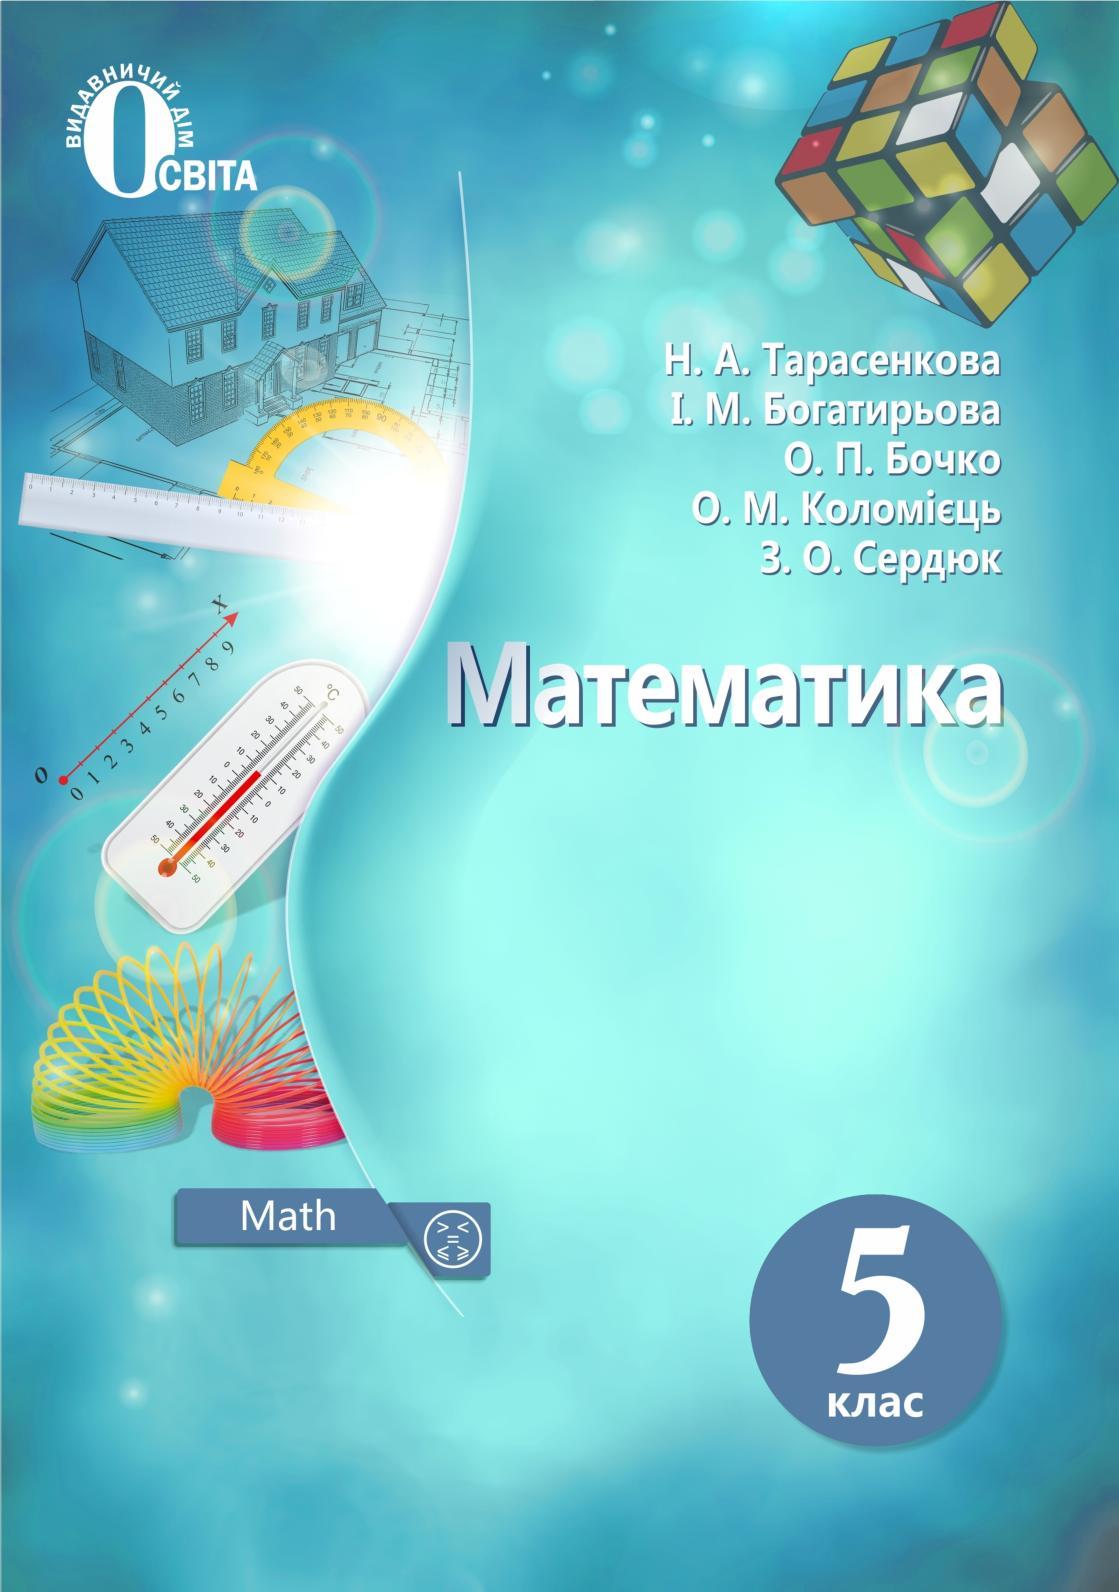 Calaméo - Математика 472eb83925cf1